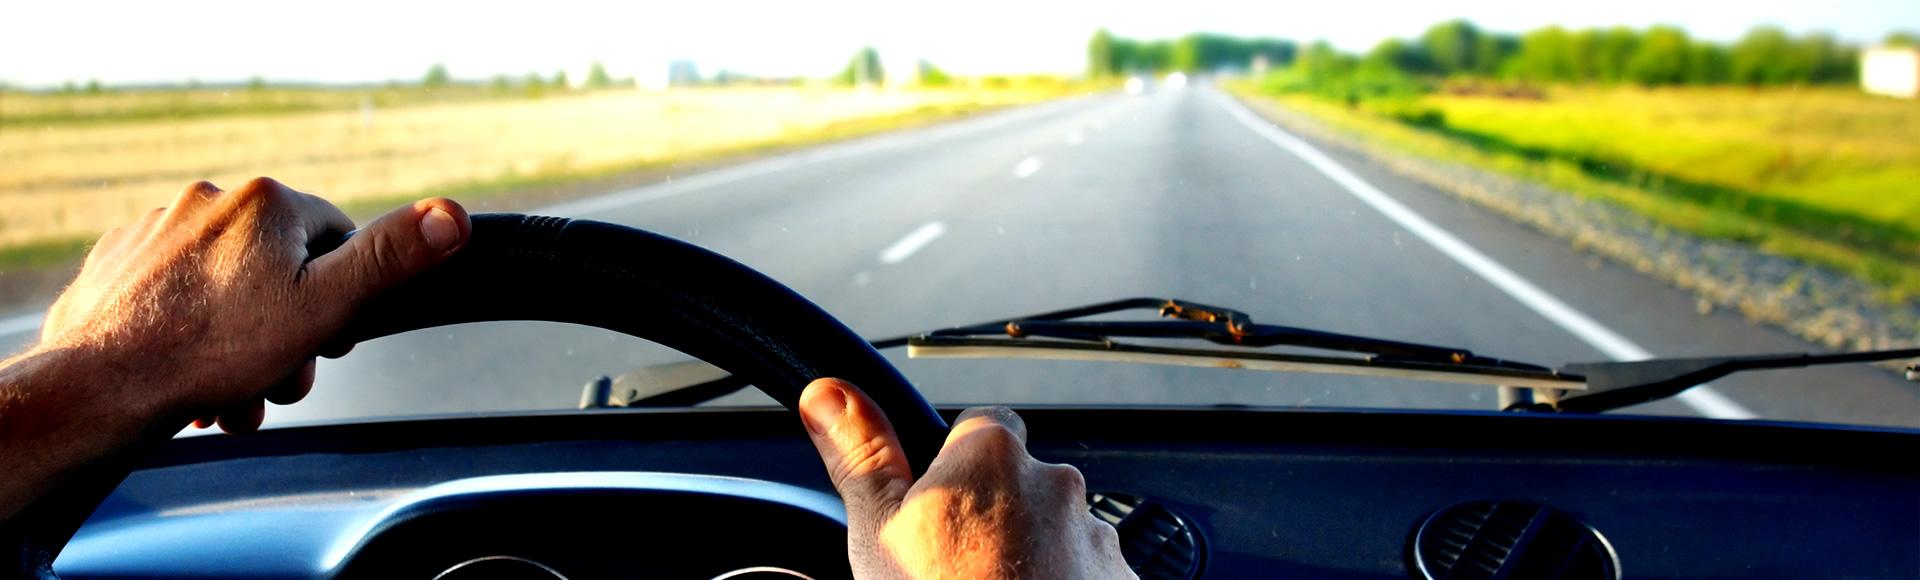 Foto di un automobilista che guida